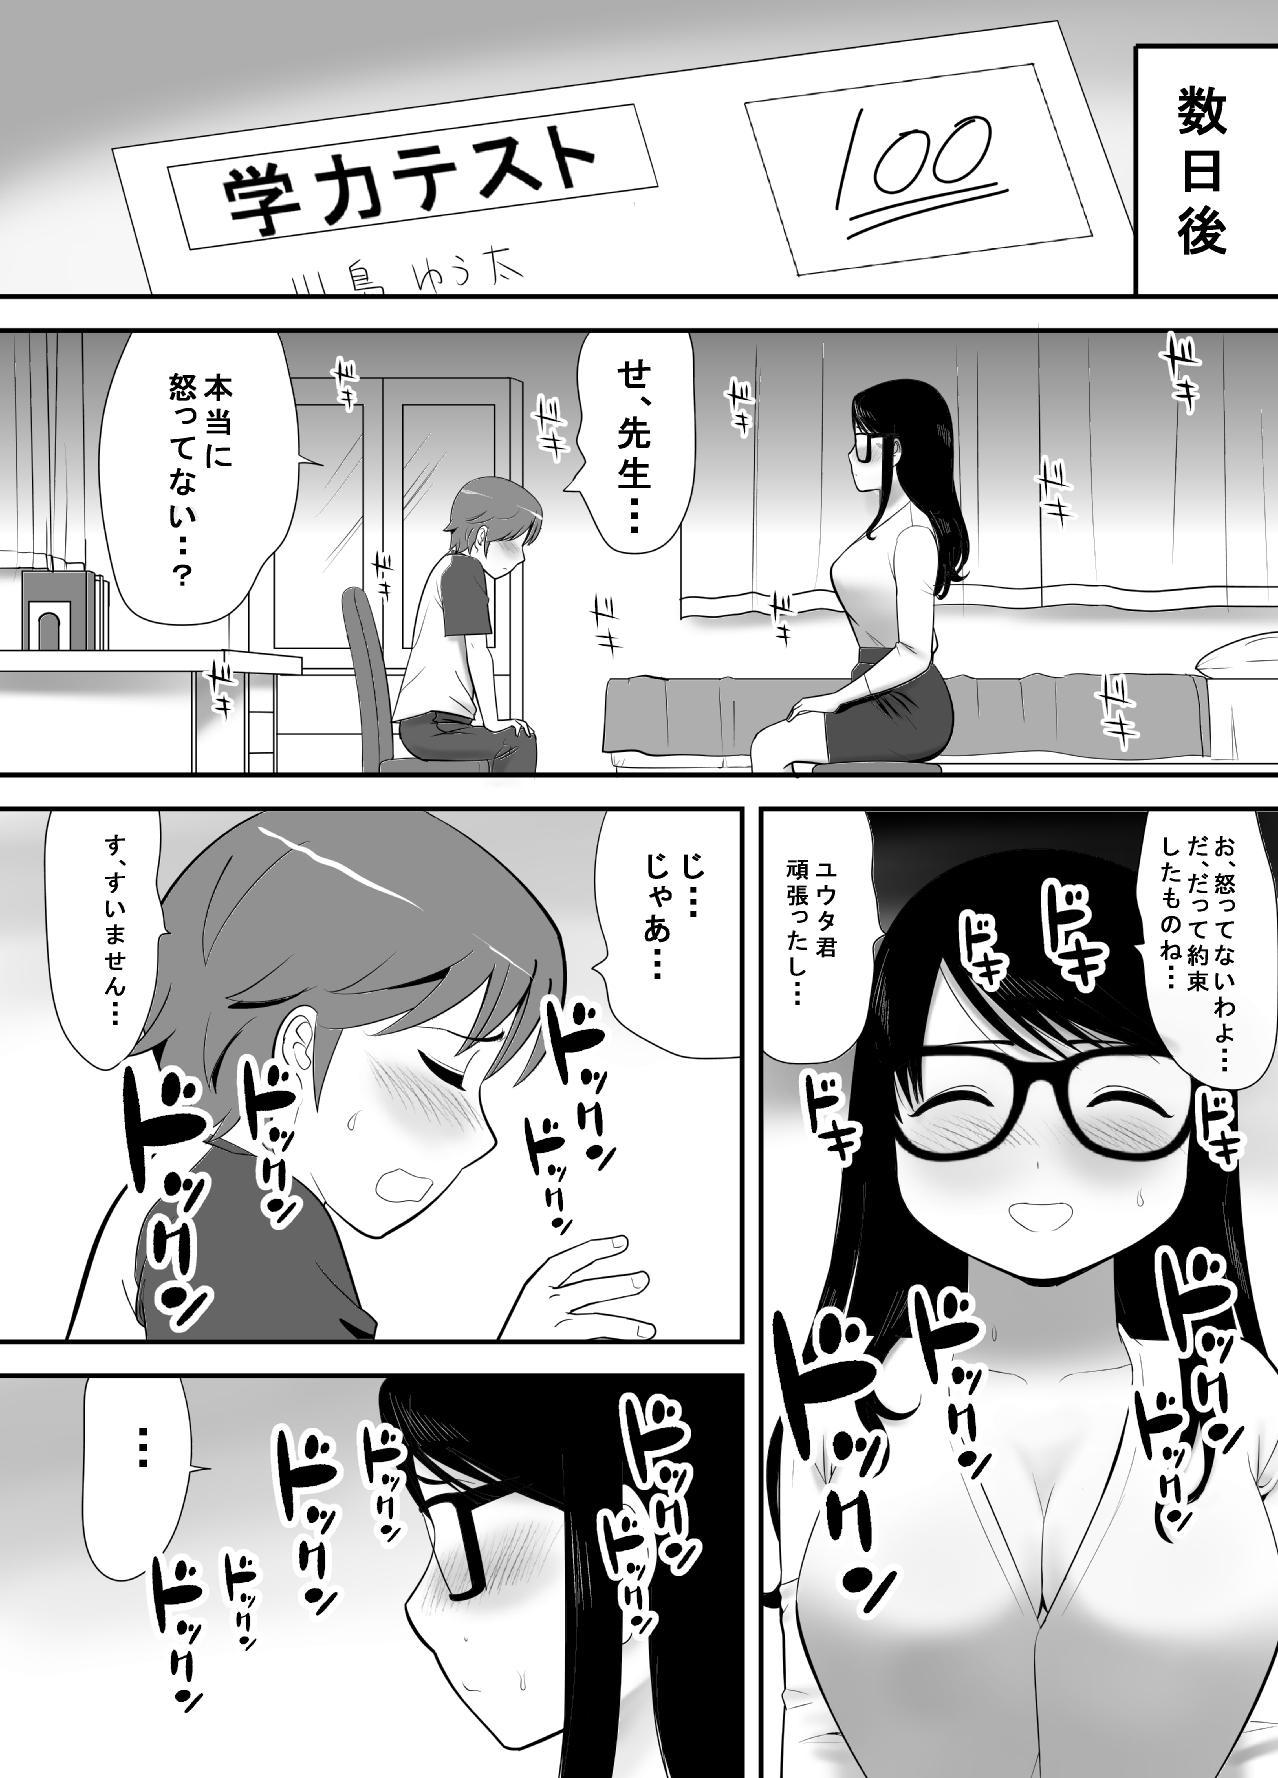 Keiken wa Nai kedo Chishiki dake Houfu na Mousou Fujoshi ga Gachi Kairaku ni Ochiru made 18